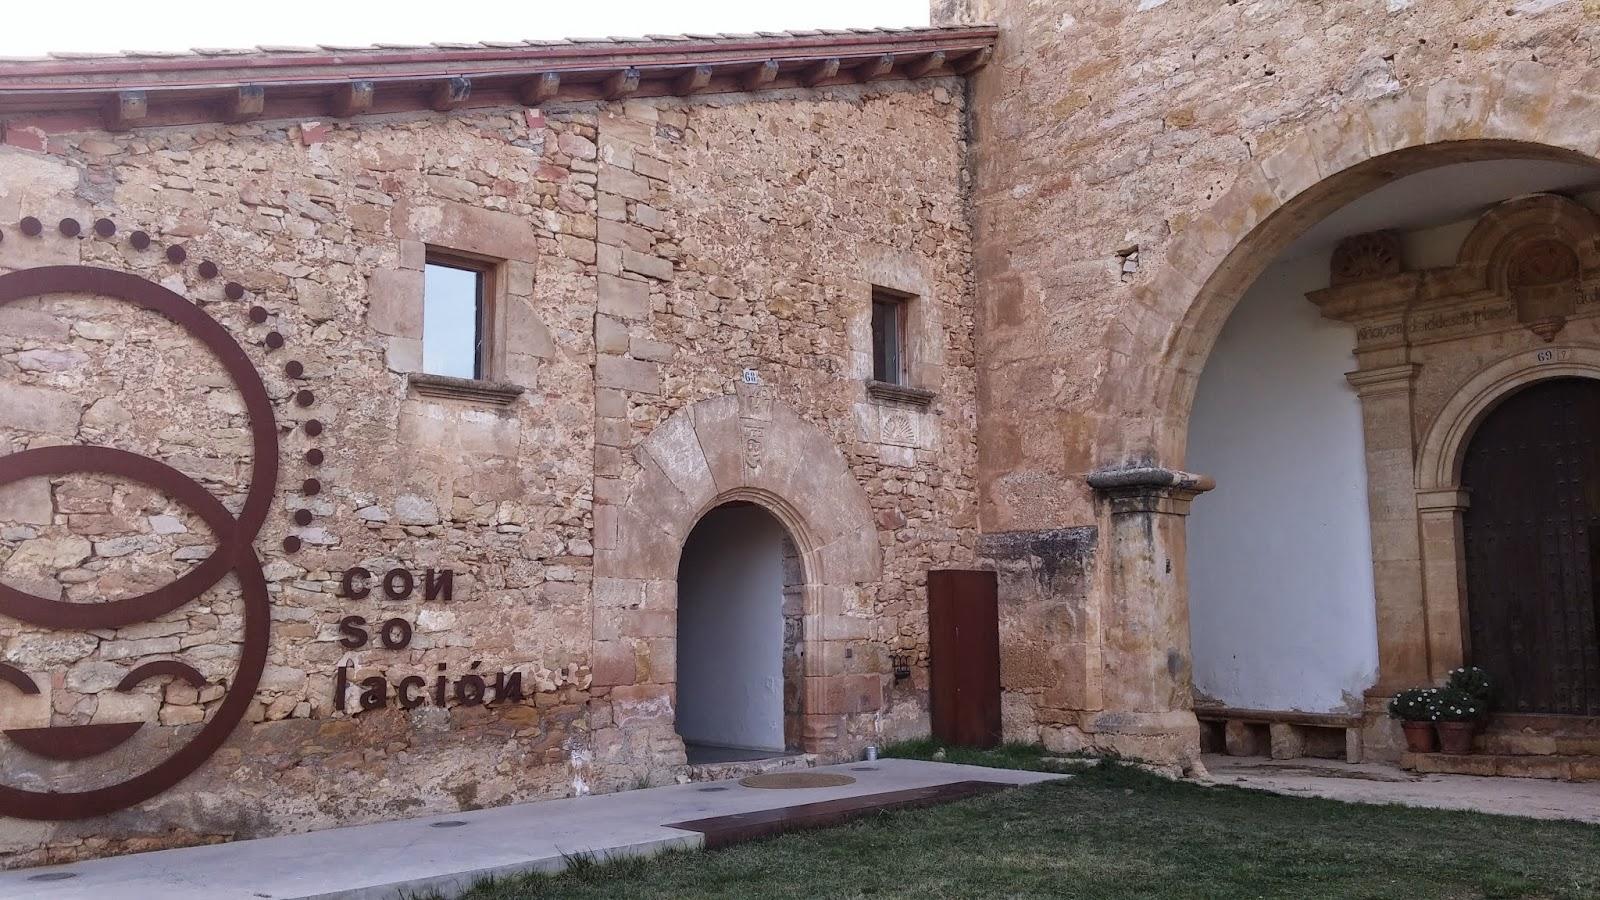 Hotel Consolación (Monroyo Teruel)